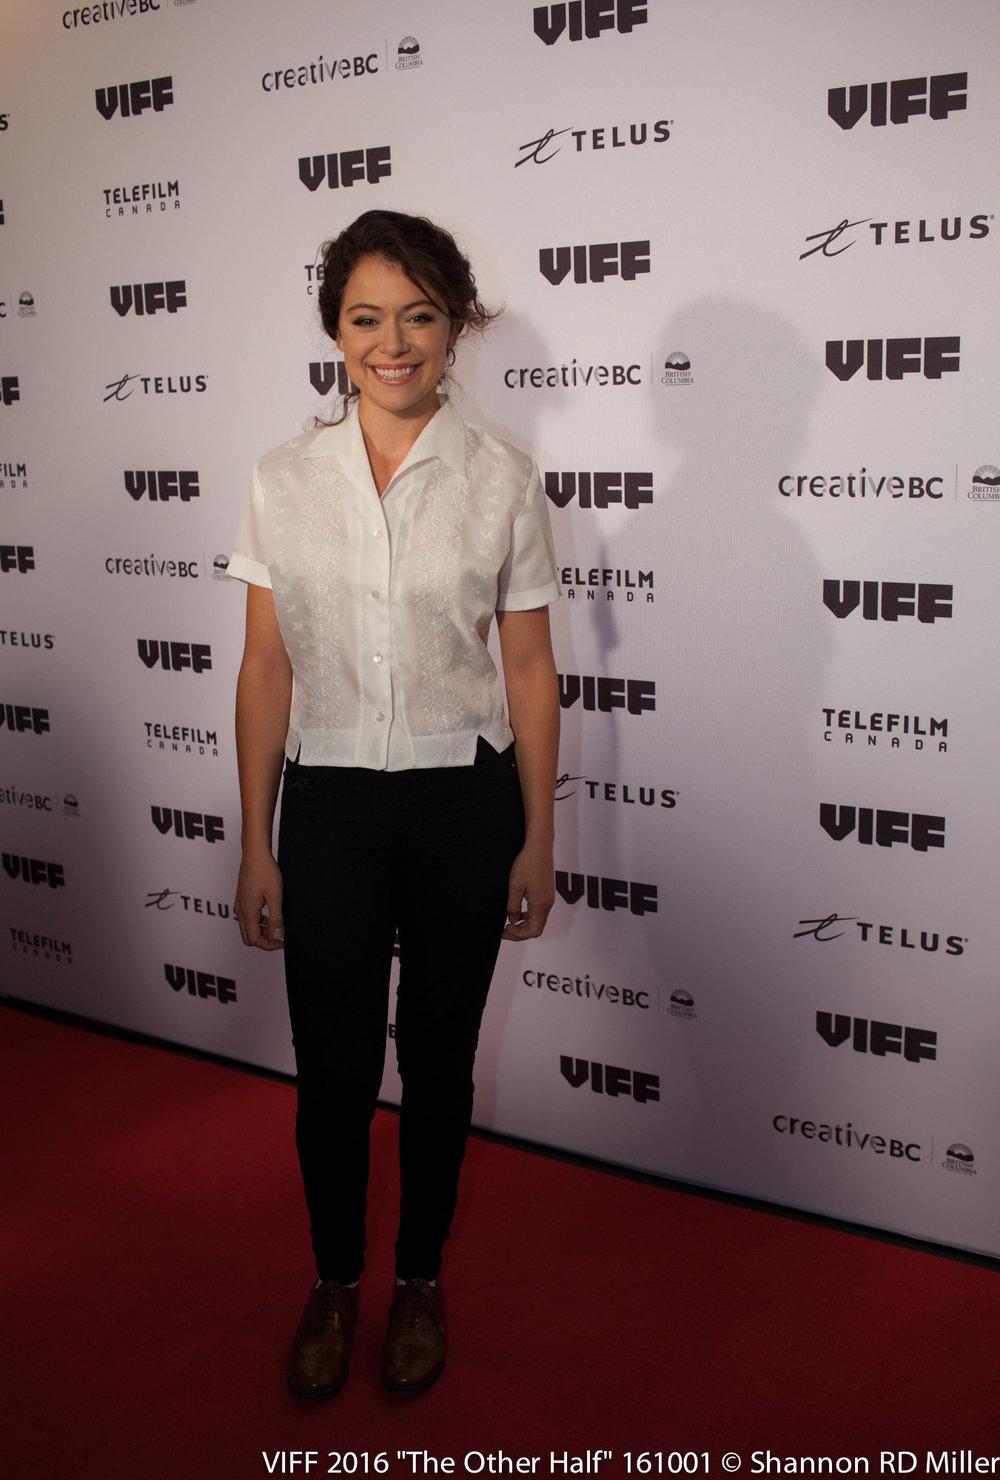 The Other Half, Actor Tatianna Maslany.